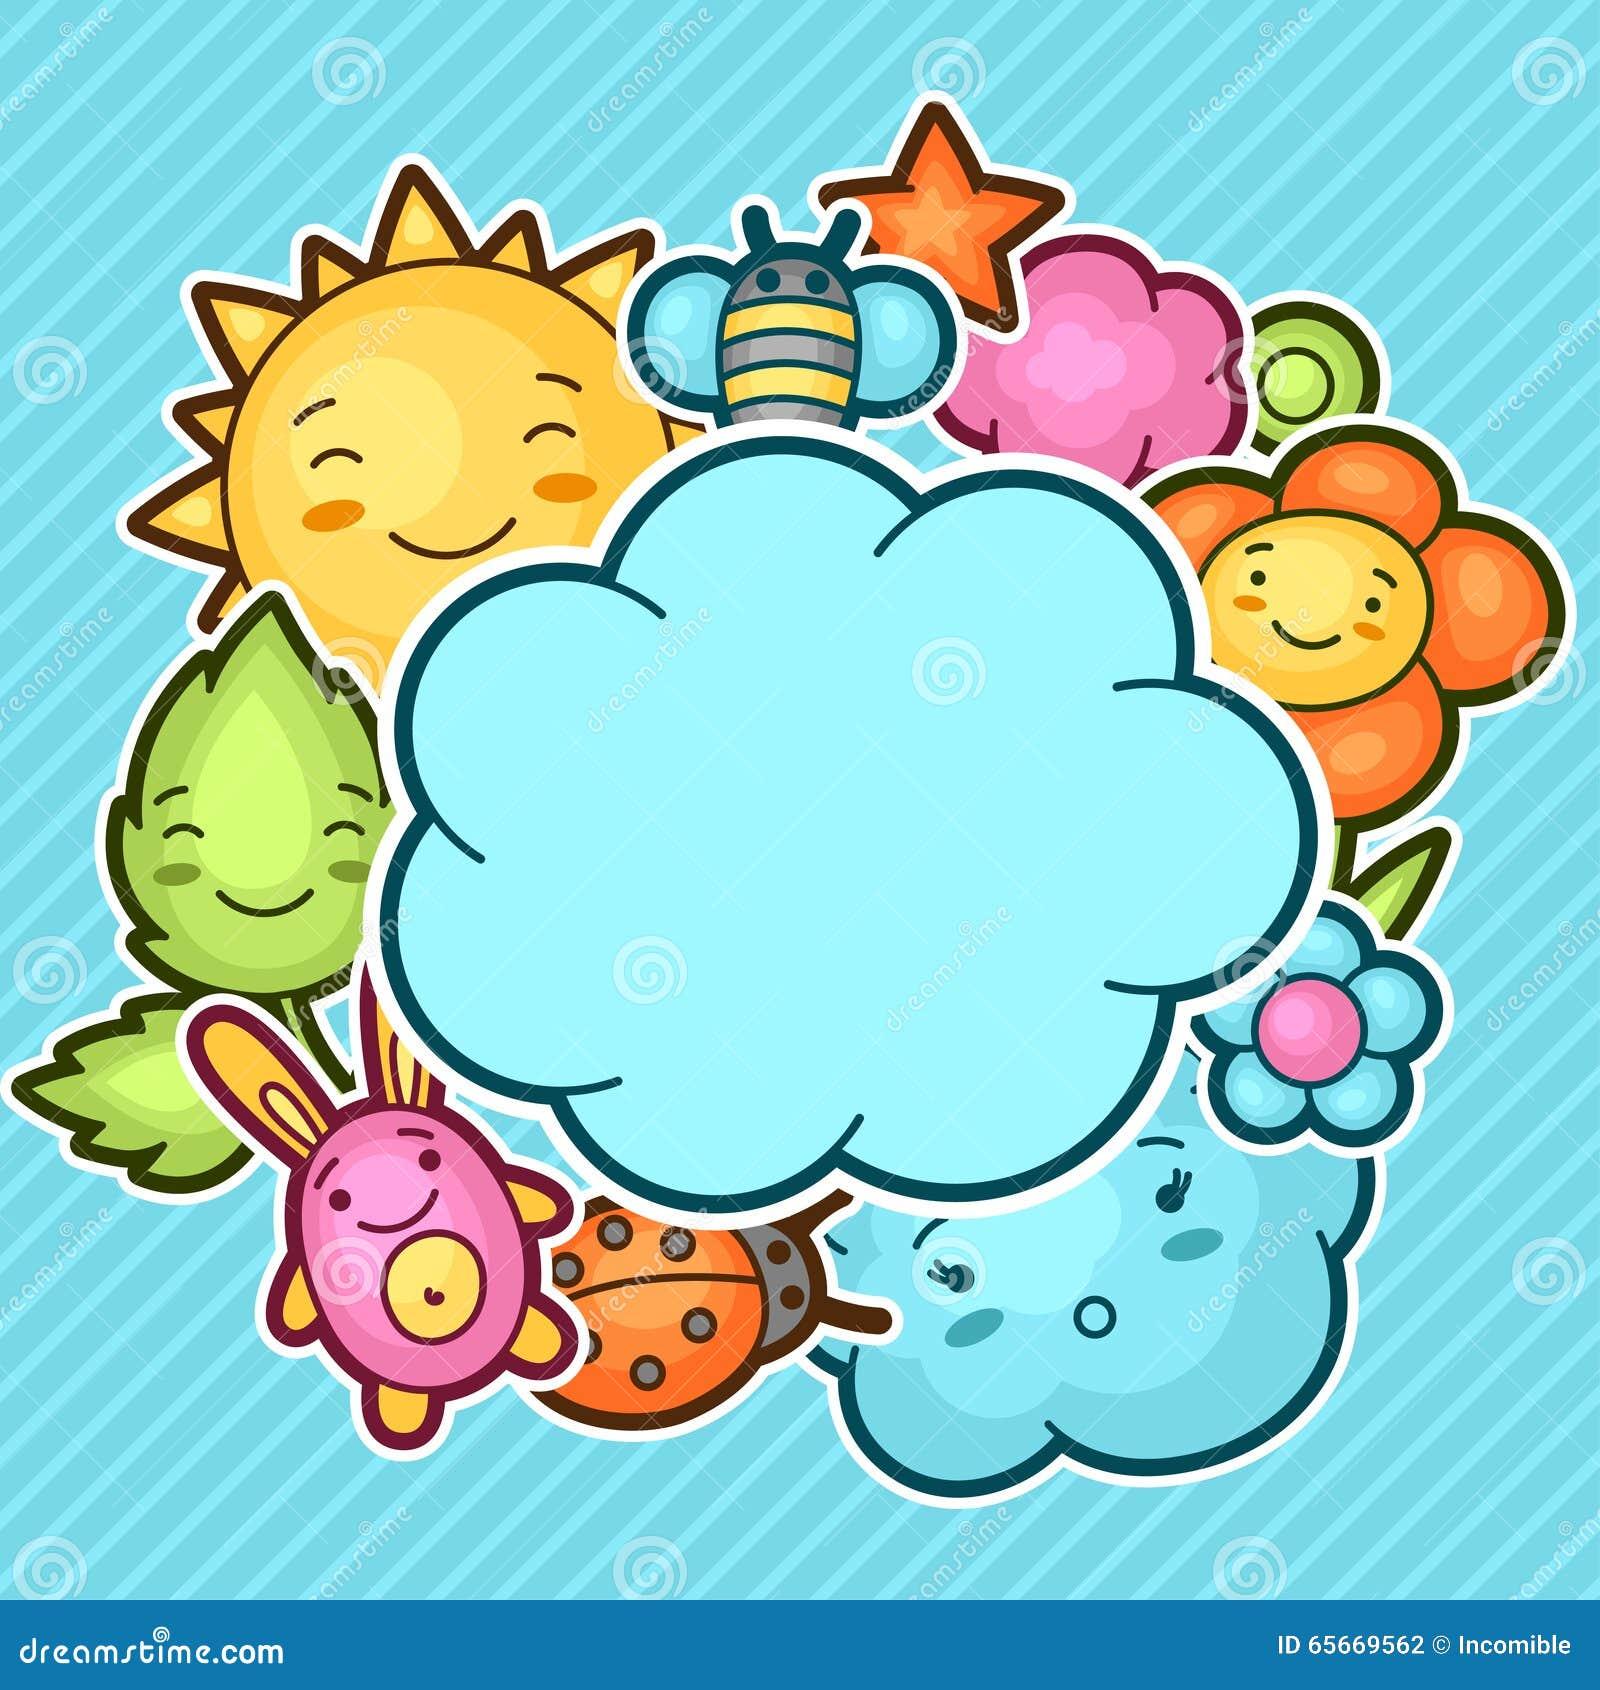 Милая предпосылка ребенка с doodles kawaii Собрание весны жизнерадостных персонажей из мультфильма солнца, облака, цветка, лист